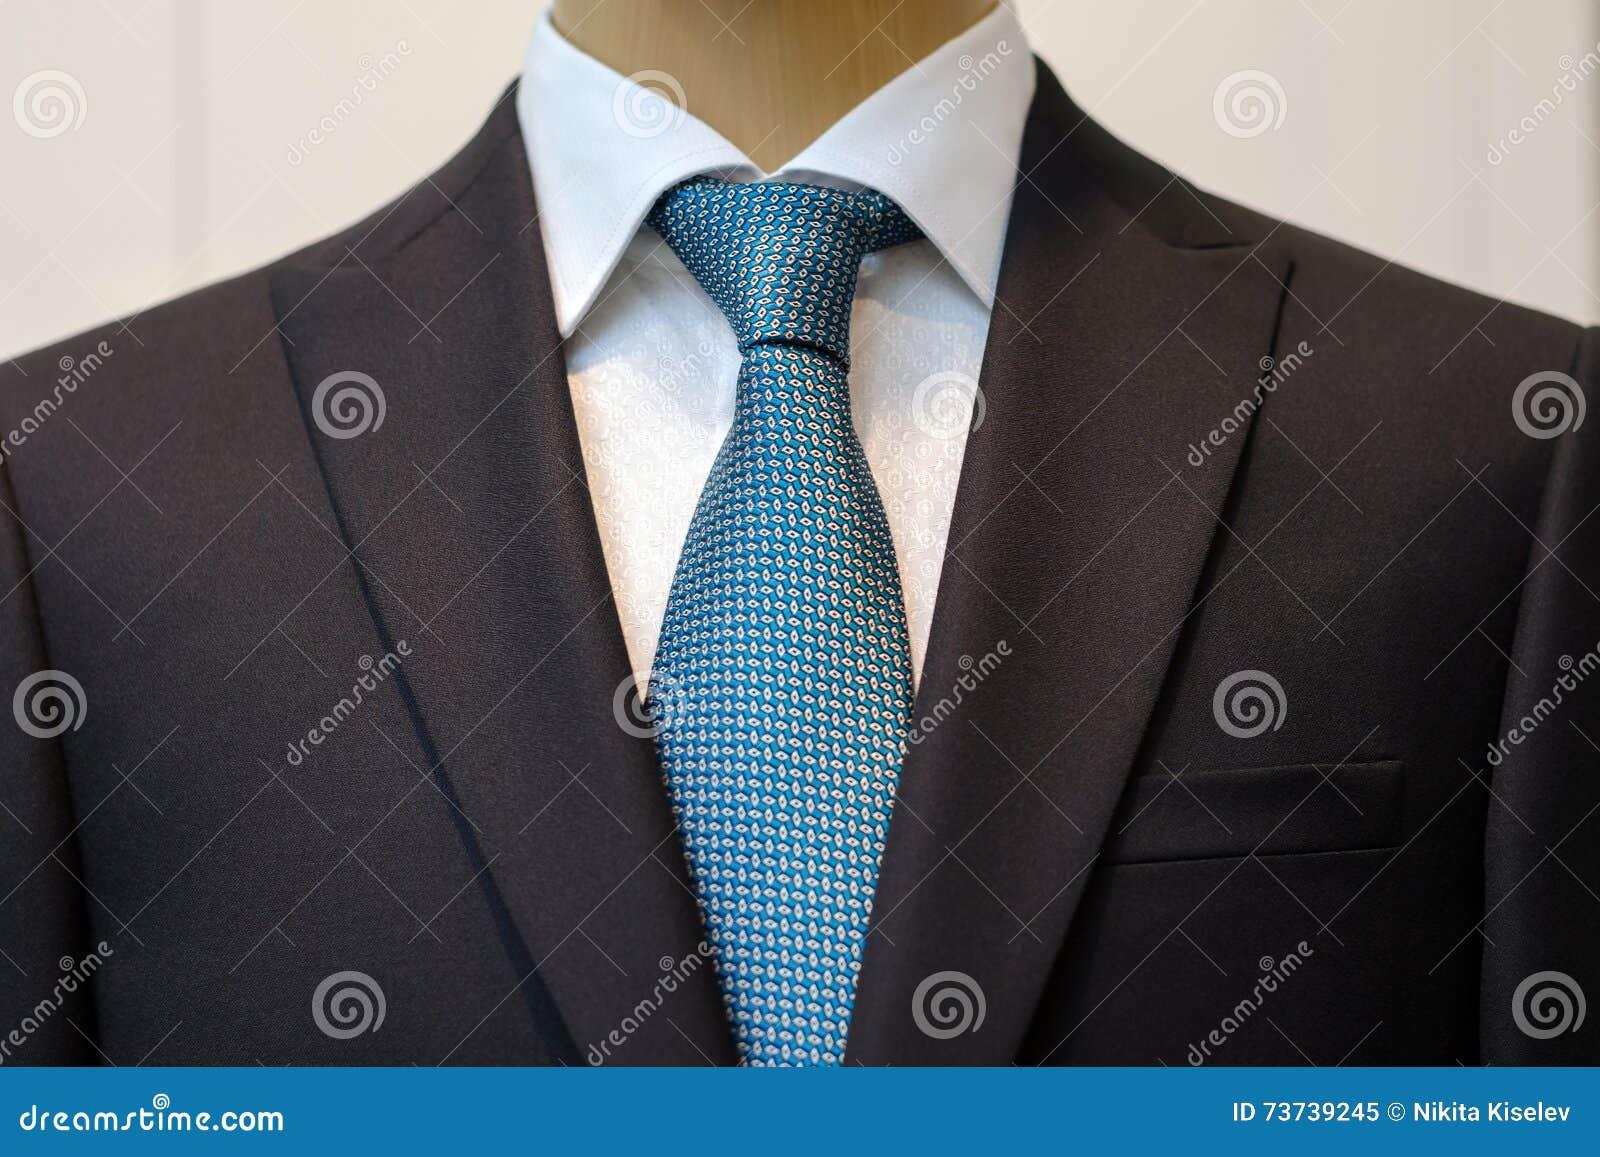 costume noir avec une chemise blanche et avec un lien bleu dans le dessin image stock image du. Black Bedroom Furniture Sets. Home Design Ideas